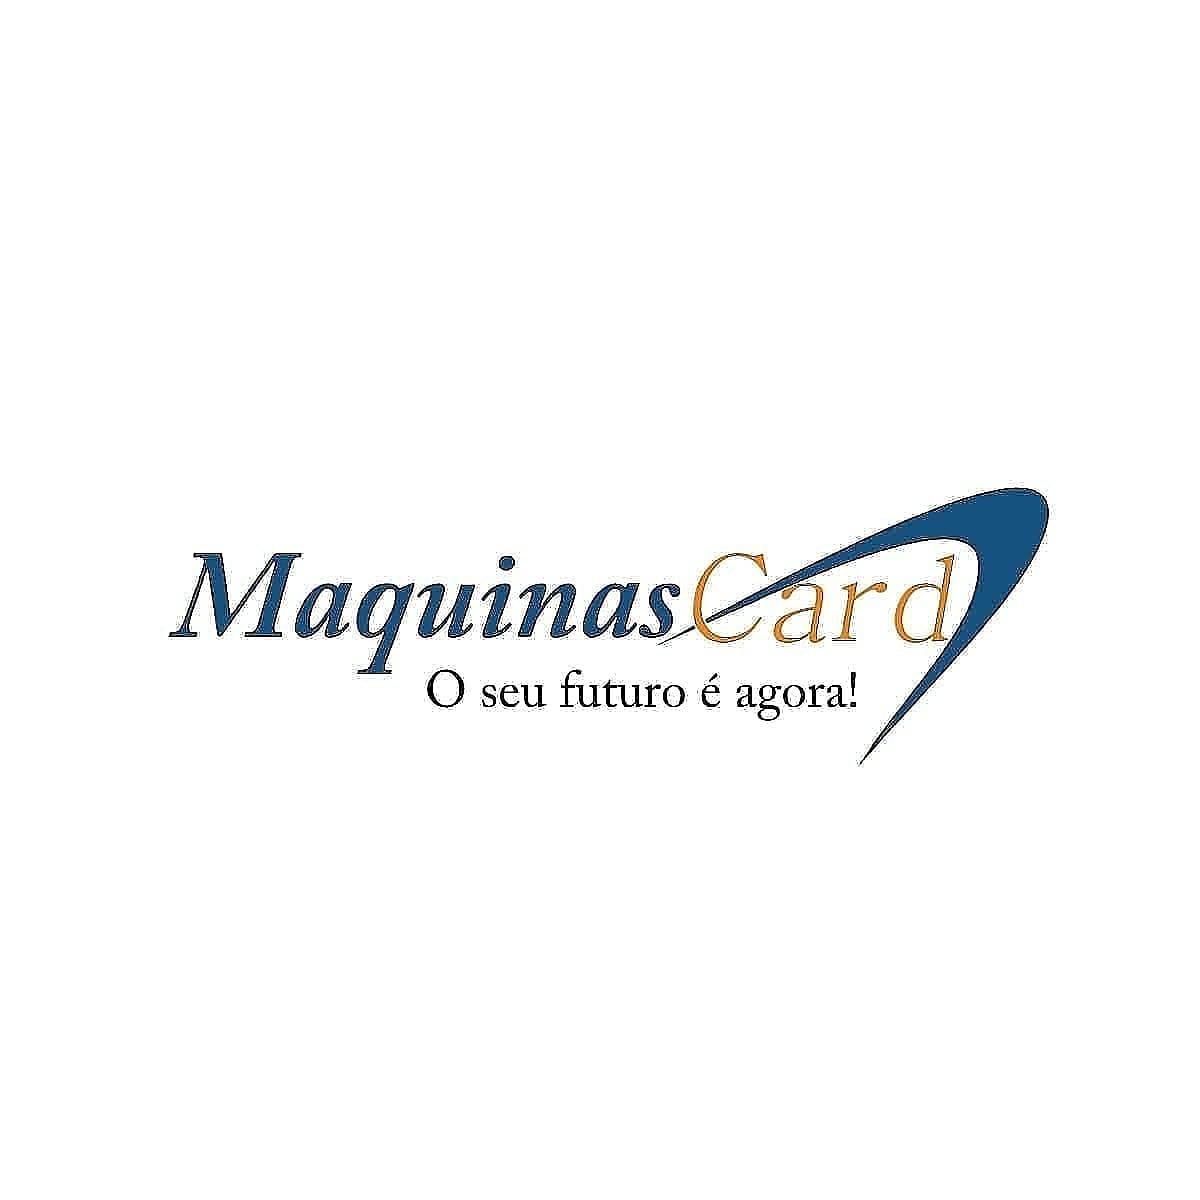 MAQUINAS CARD